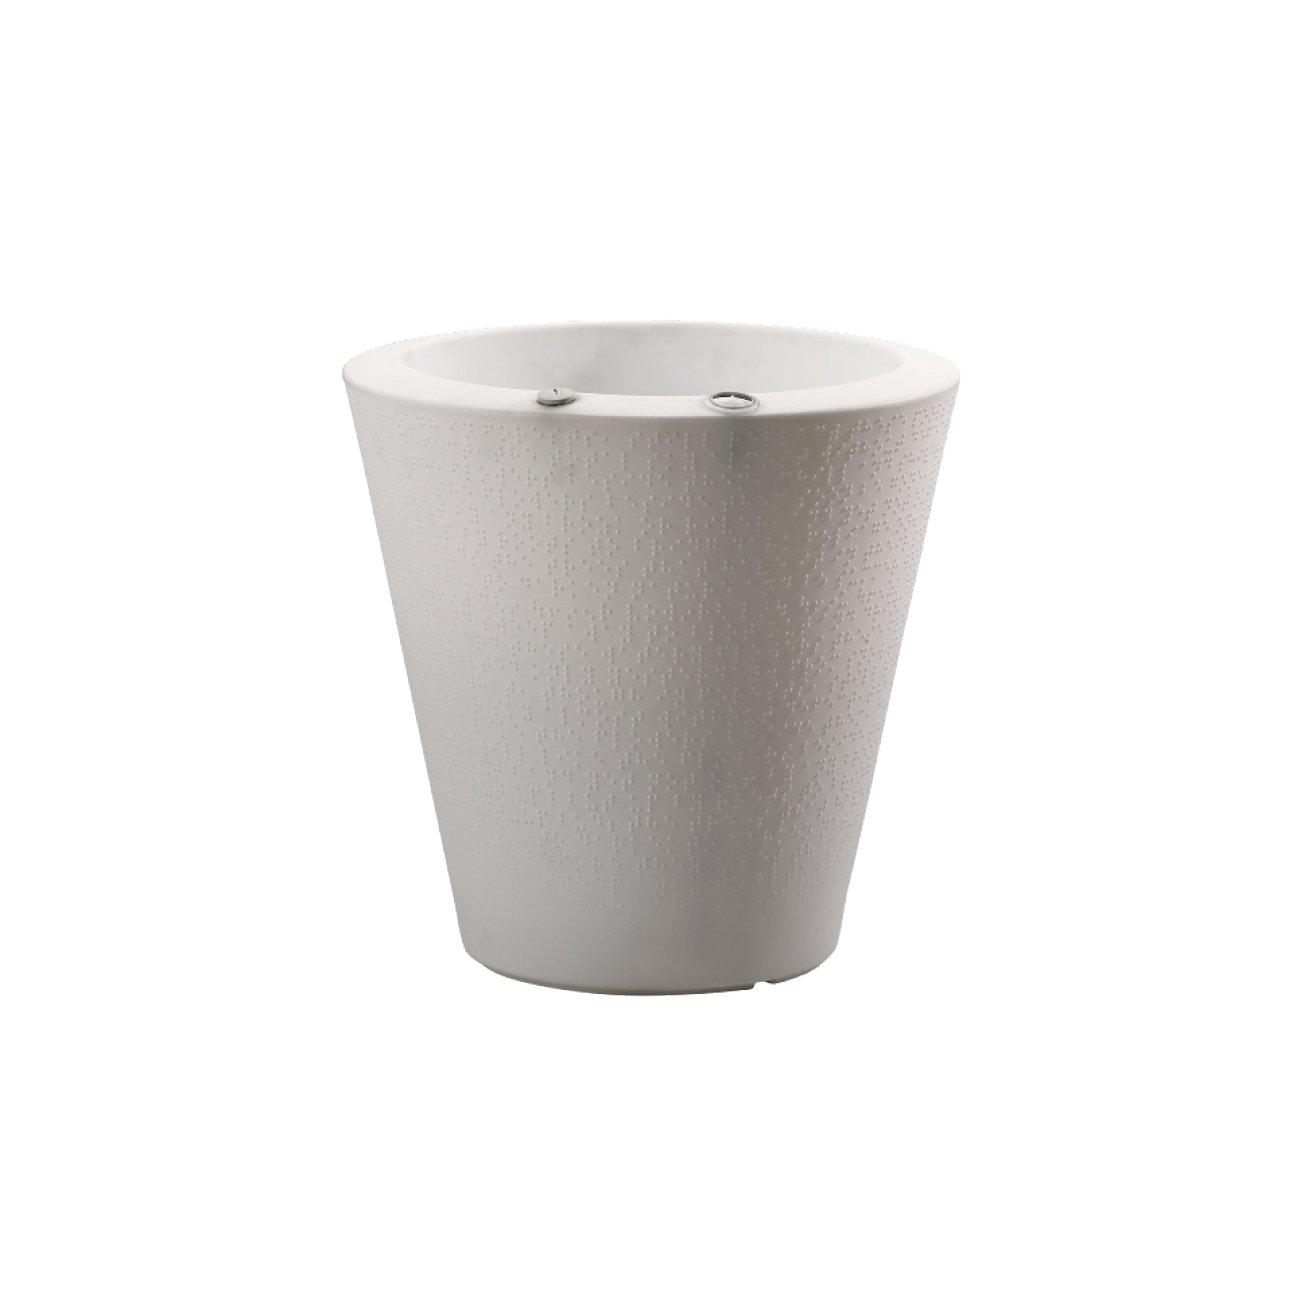 Crescent Garden Indoor/Outdoor Self-Watering Container, Alpine White, 16 in.